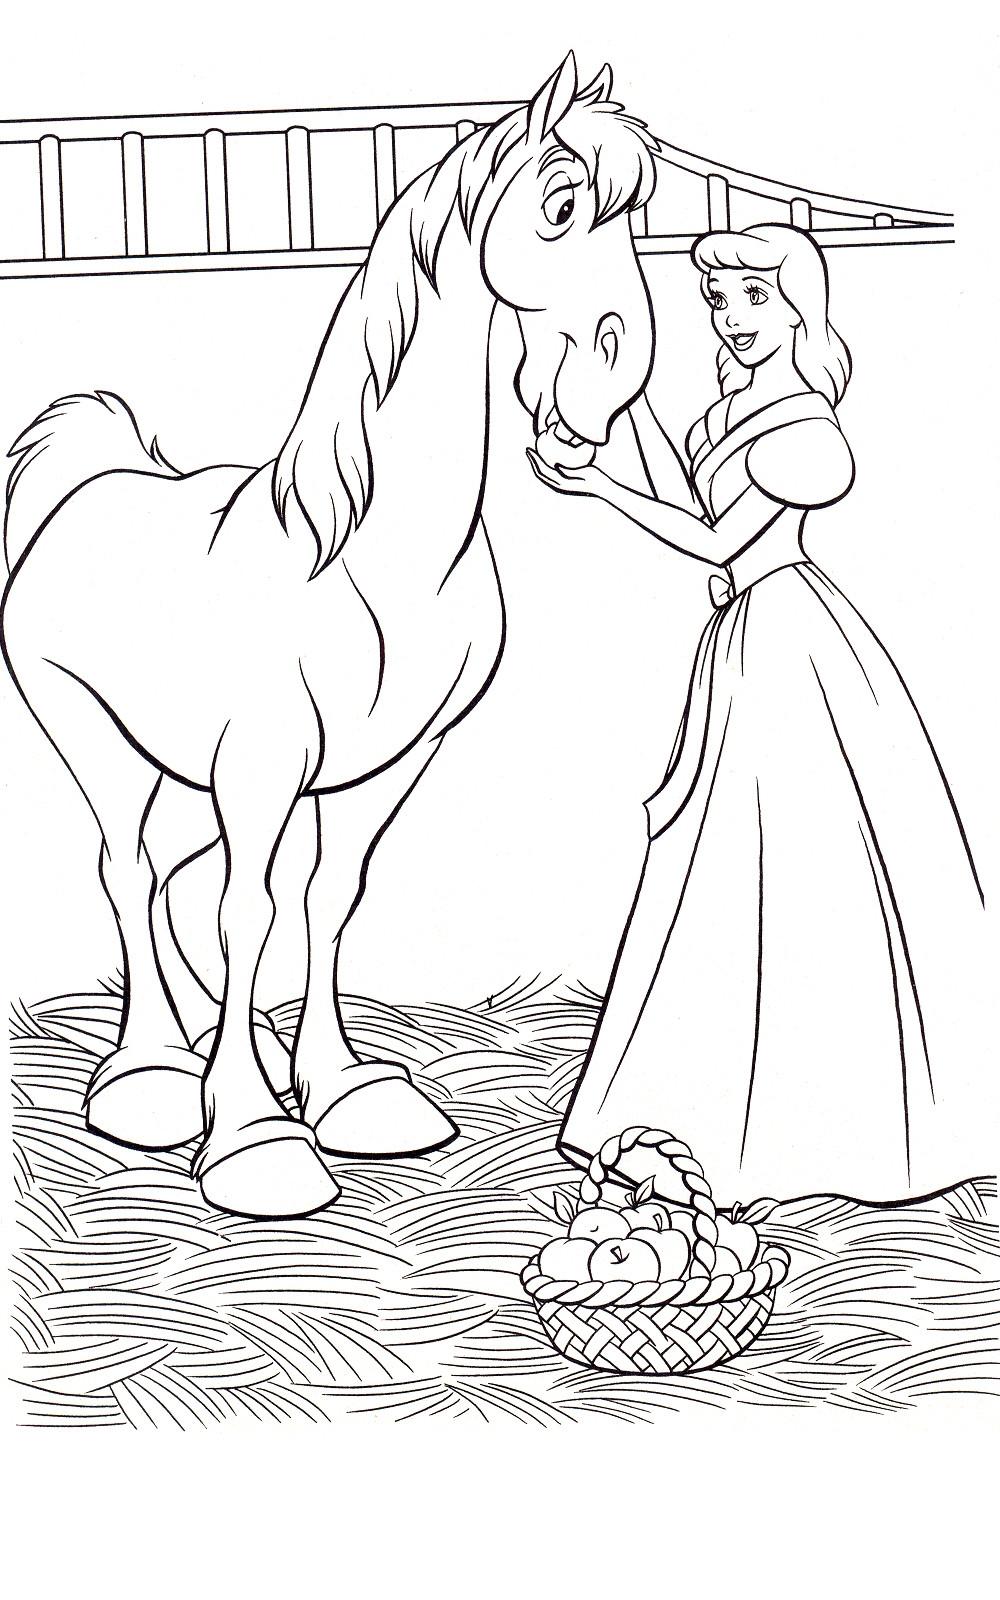 Ausmalbilder Cinderella Frisch Malvorlagen Fur Kinder Ausmalbilder Cinderella Kostenlos Page Fotos